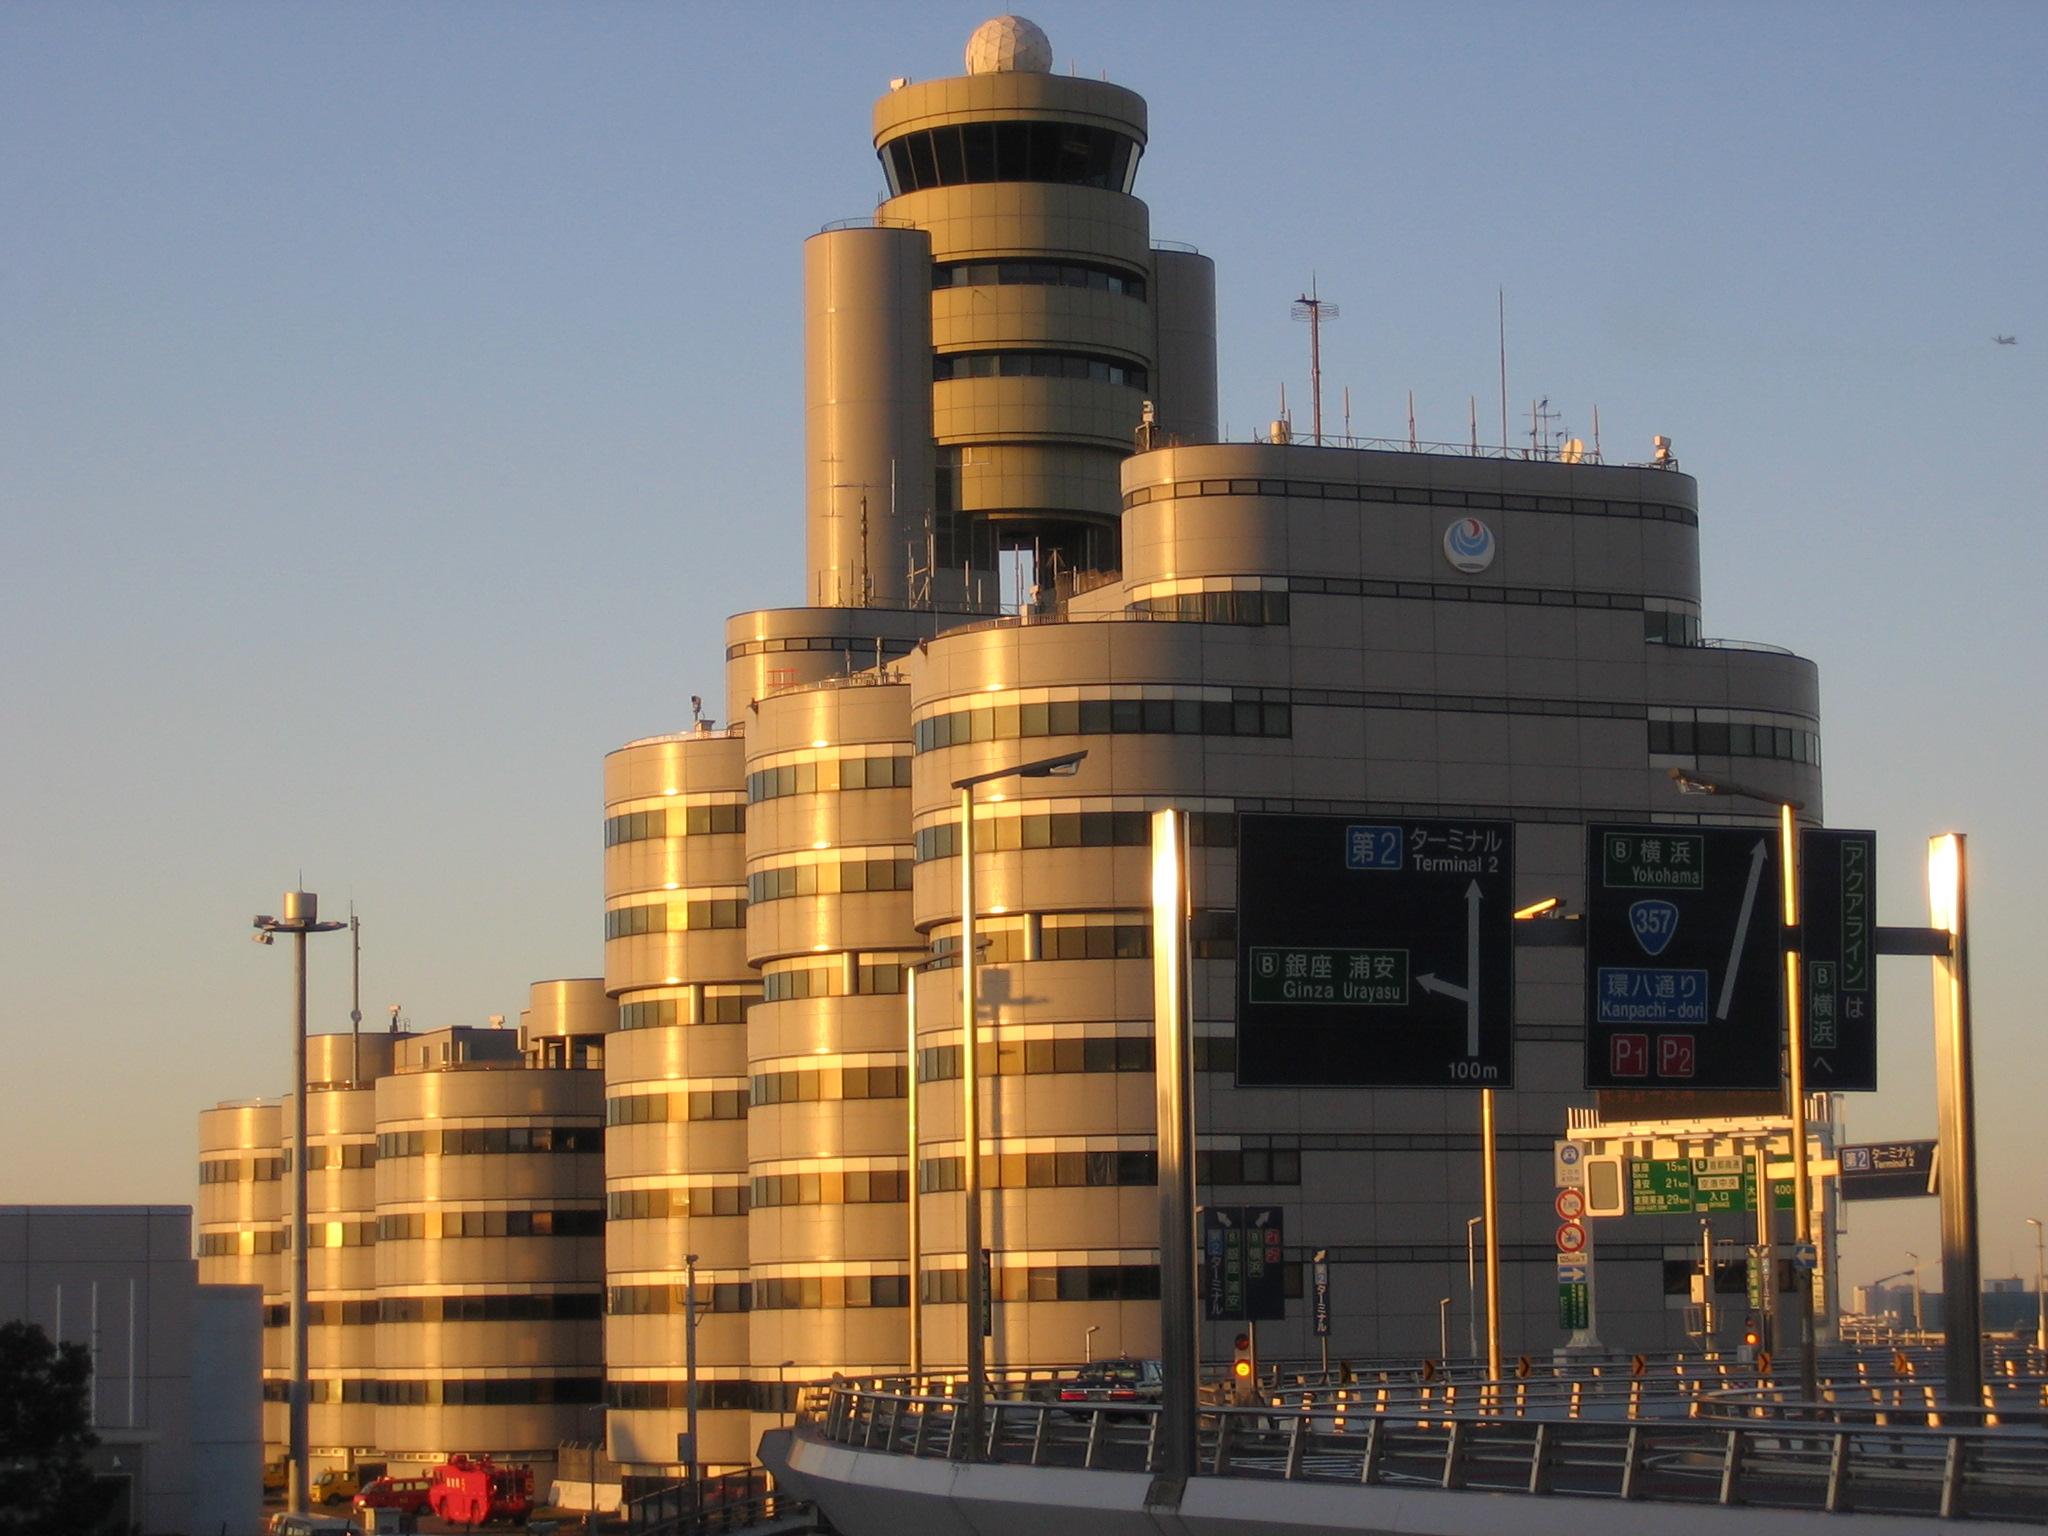 Depiction of Aeropuerto Internacional de Haneda